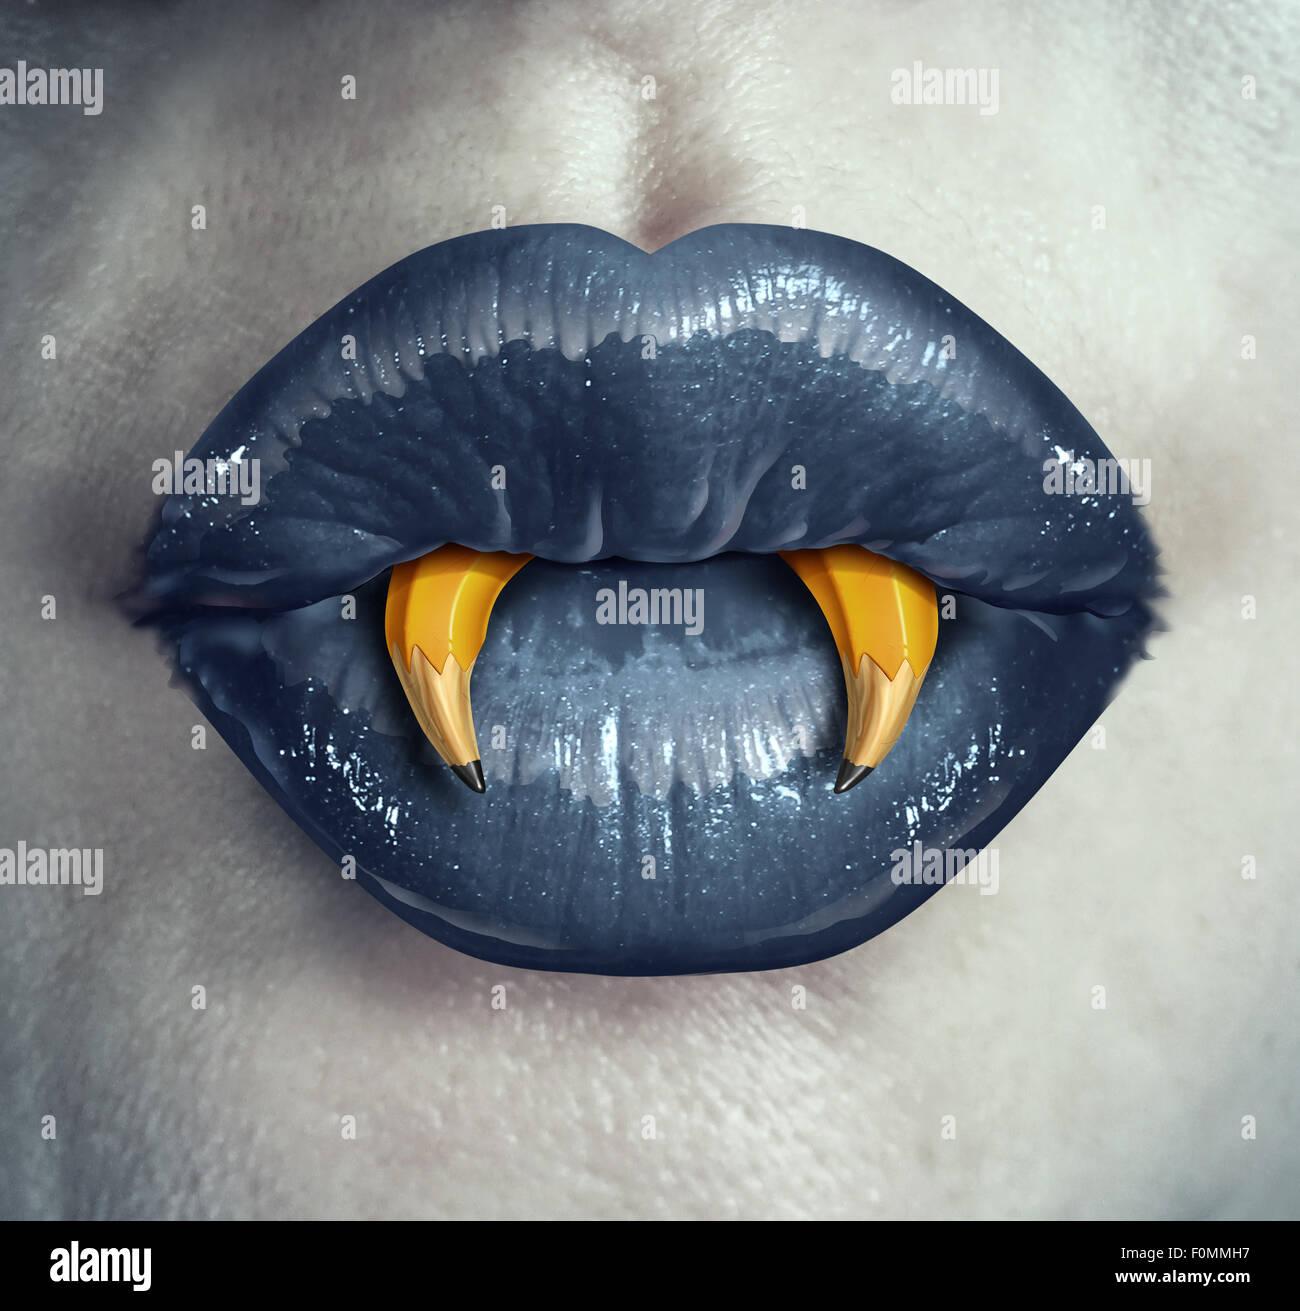 Vampiro il concetto di creatività come le labbra di un carattere di zombie con matite a forma di zanne appuntite Immagini Stock